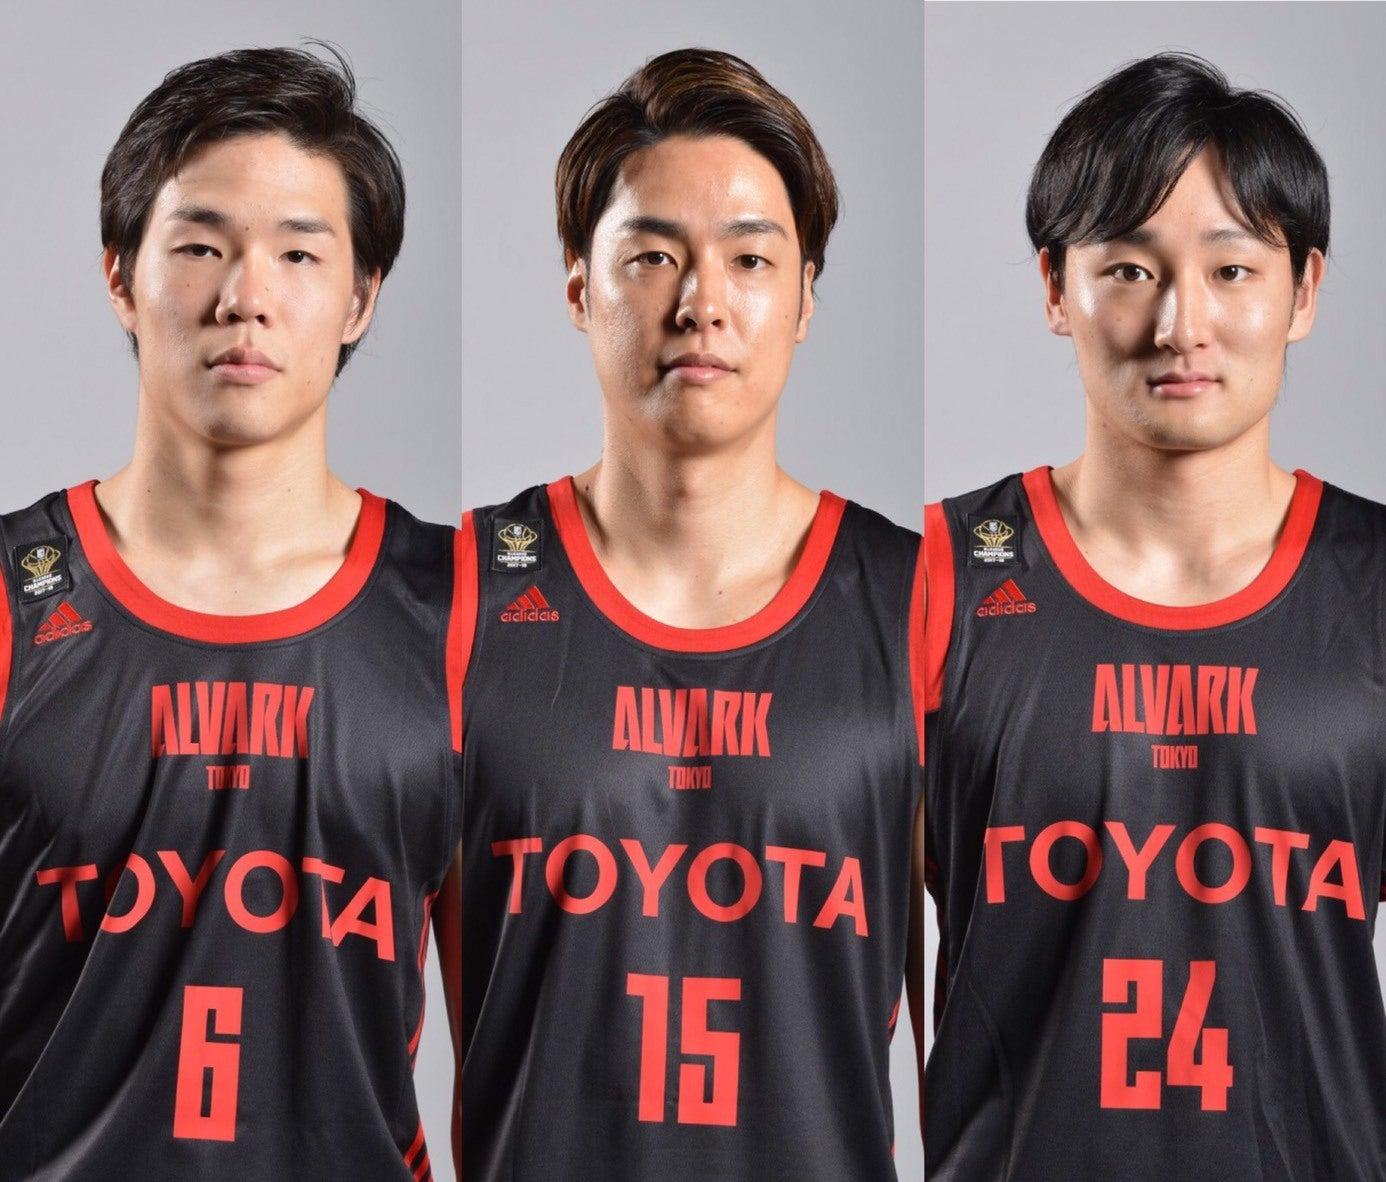 代表 バスケ 日本 2021年度バスケットボール男子日本代表チーム 第32回オリンピック競技大会(2020/東京)